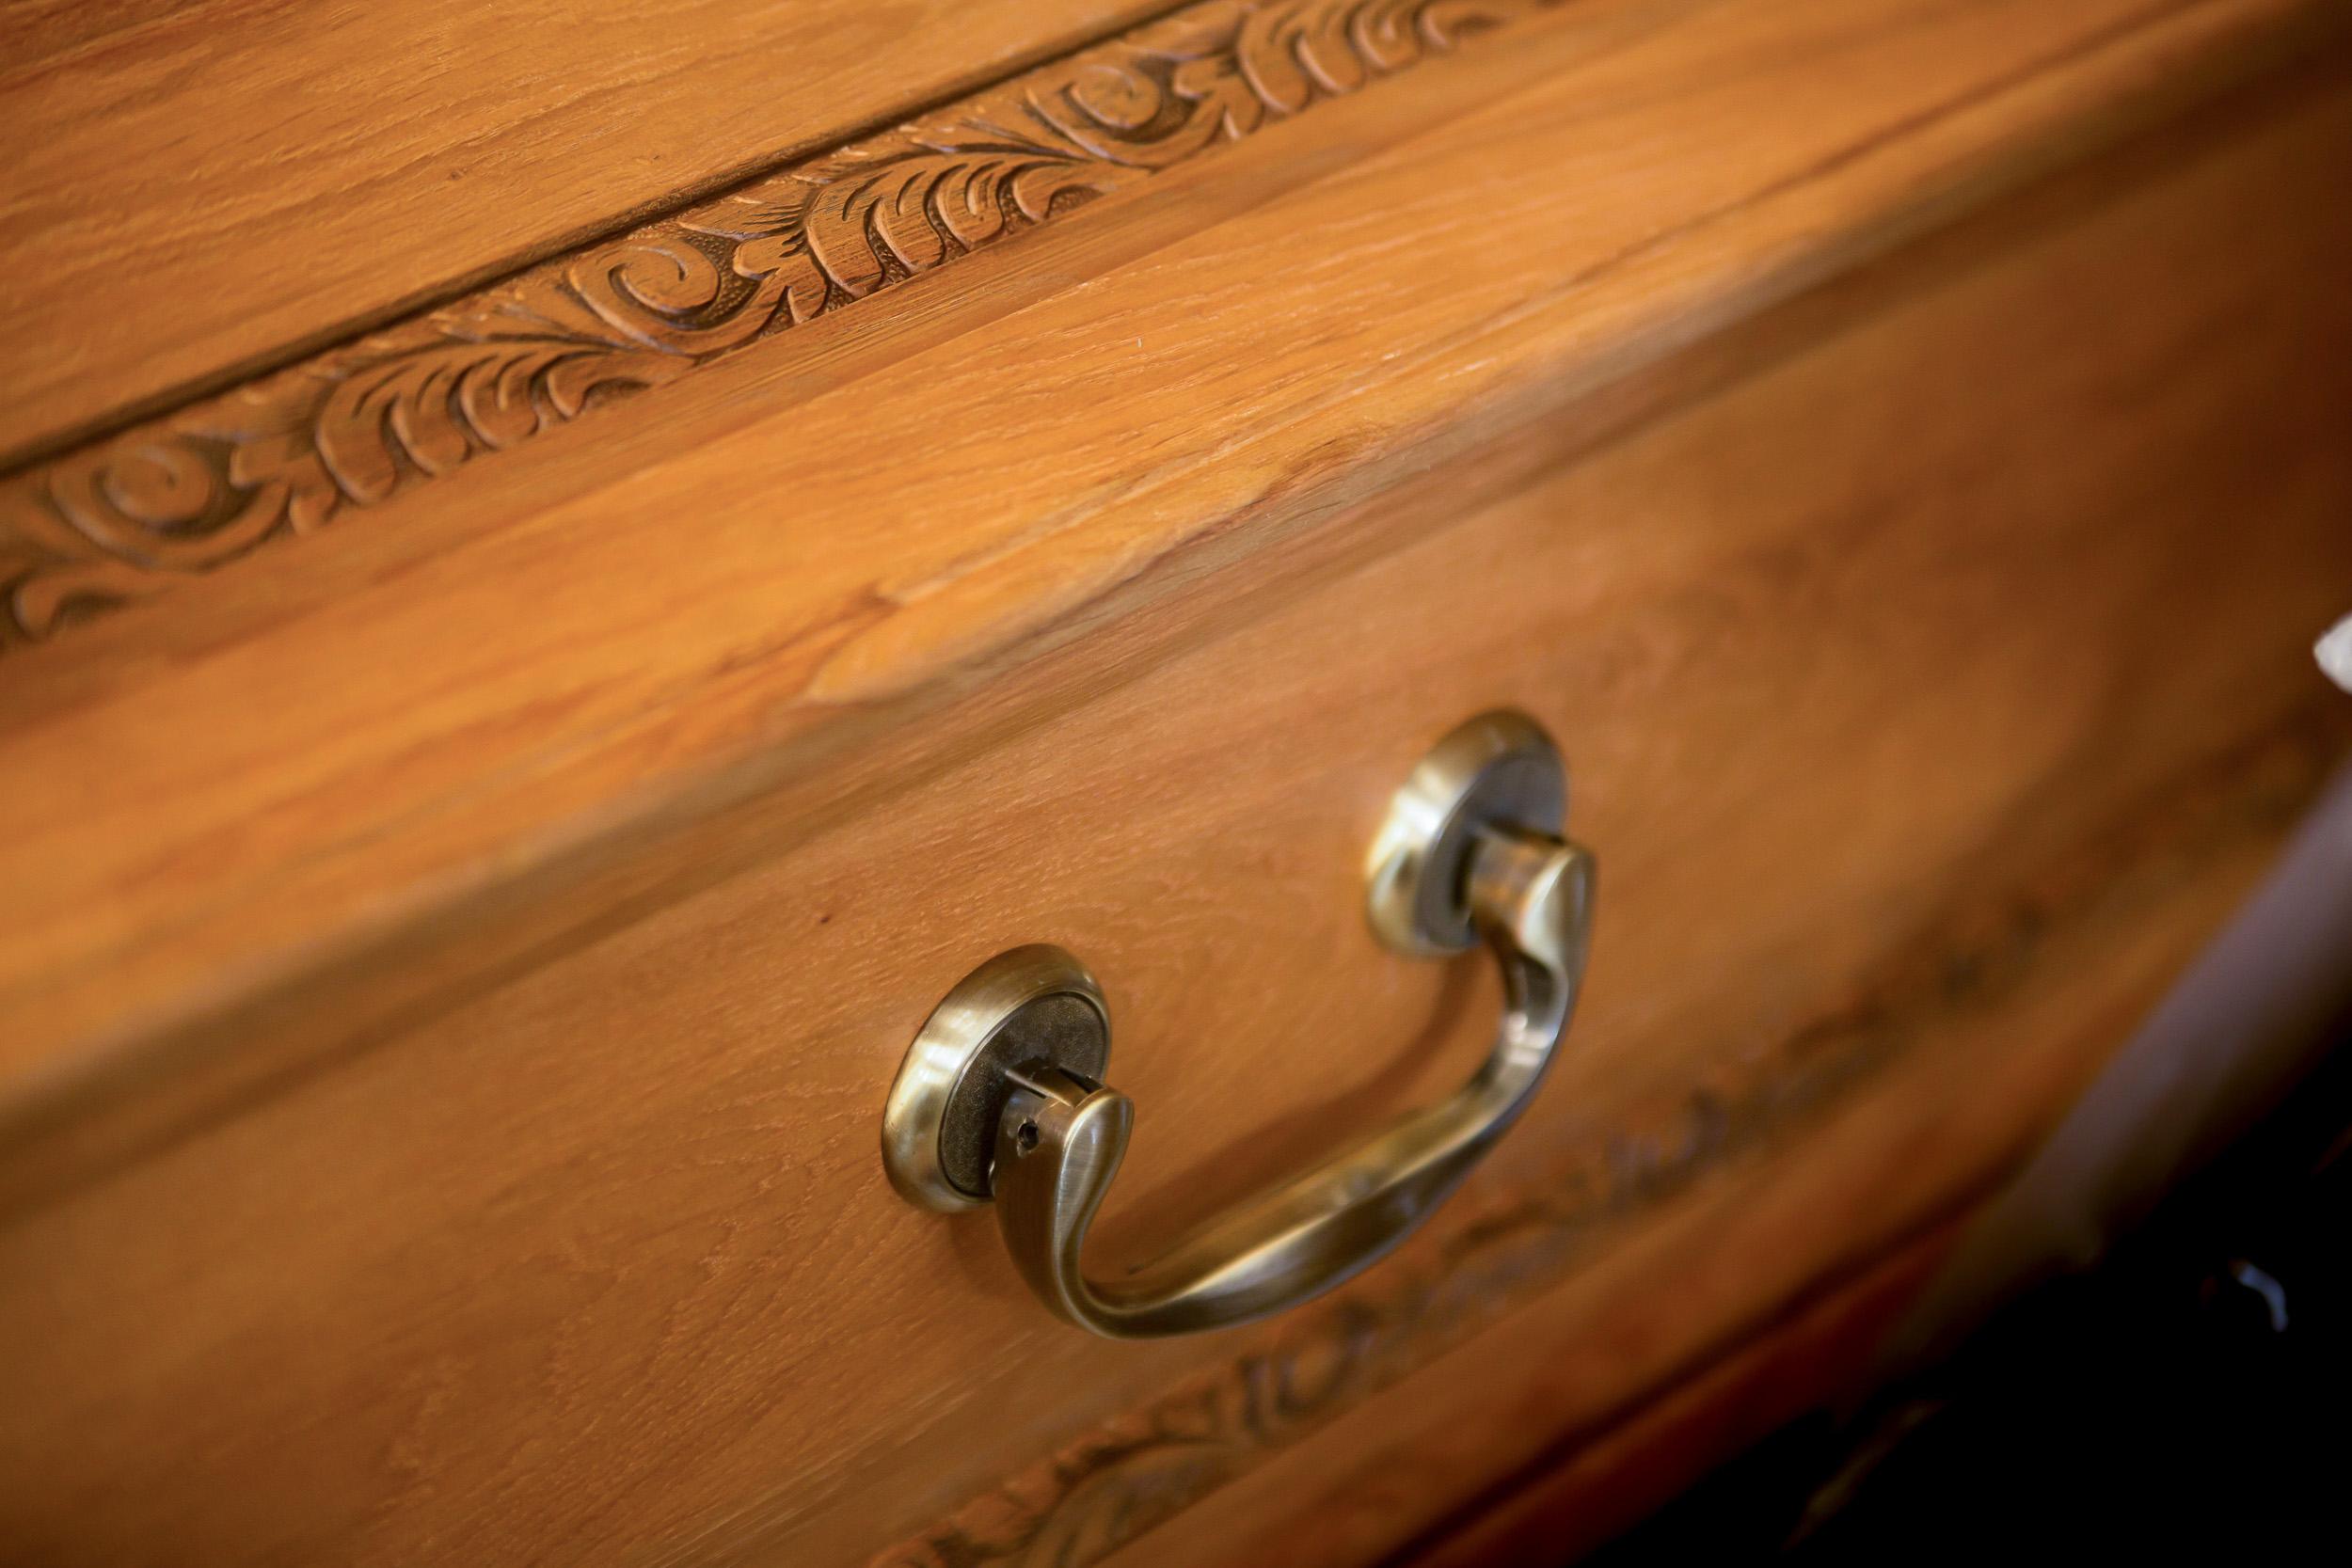 cercueil en chêne fabriqué main par les pompes funèbres de caudry bricout